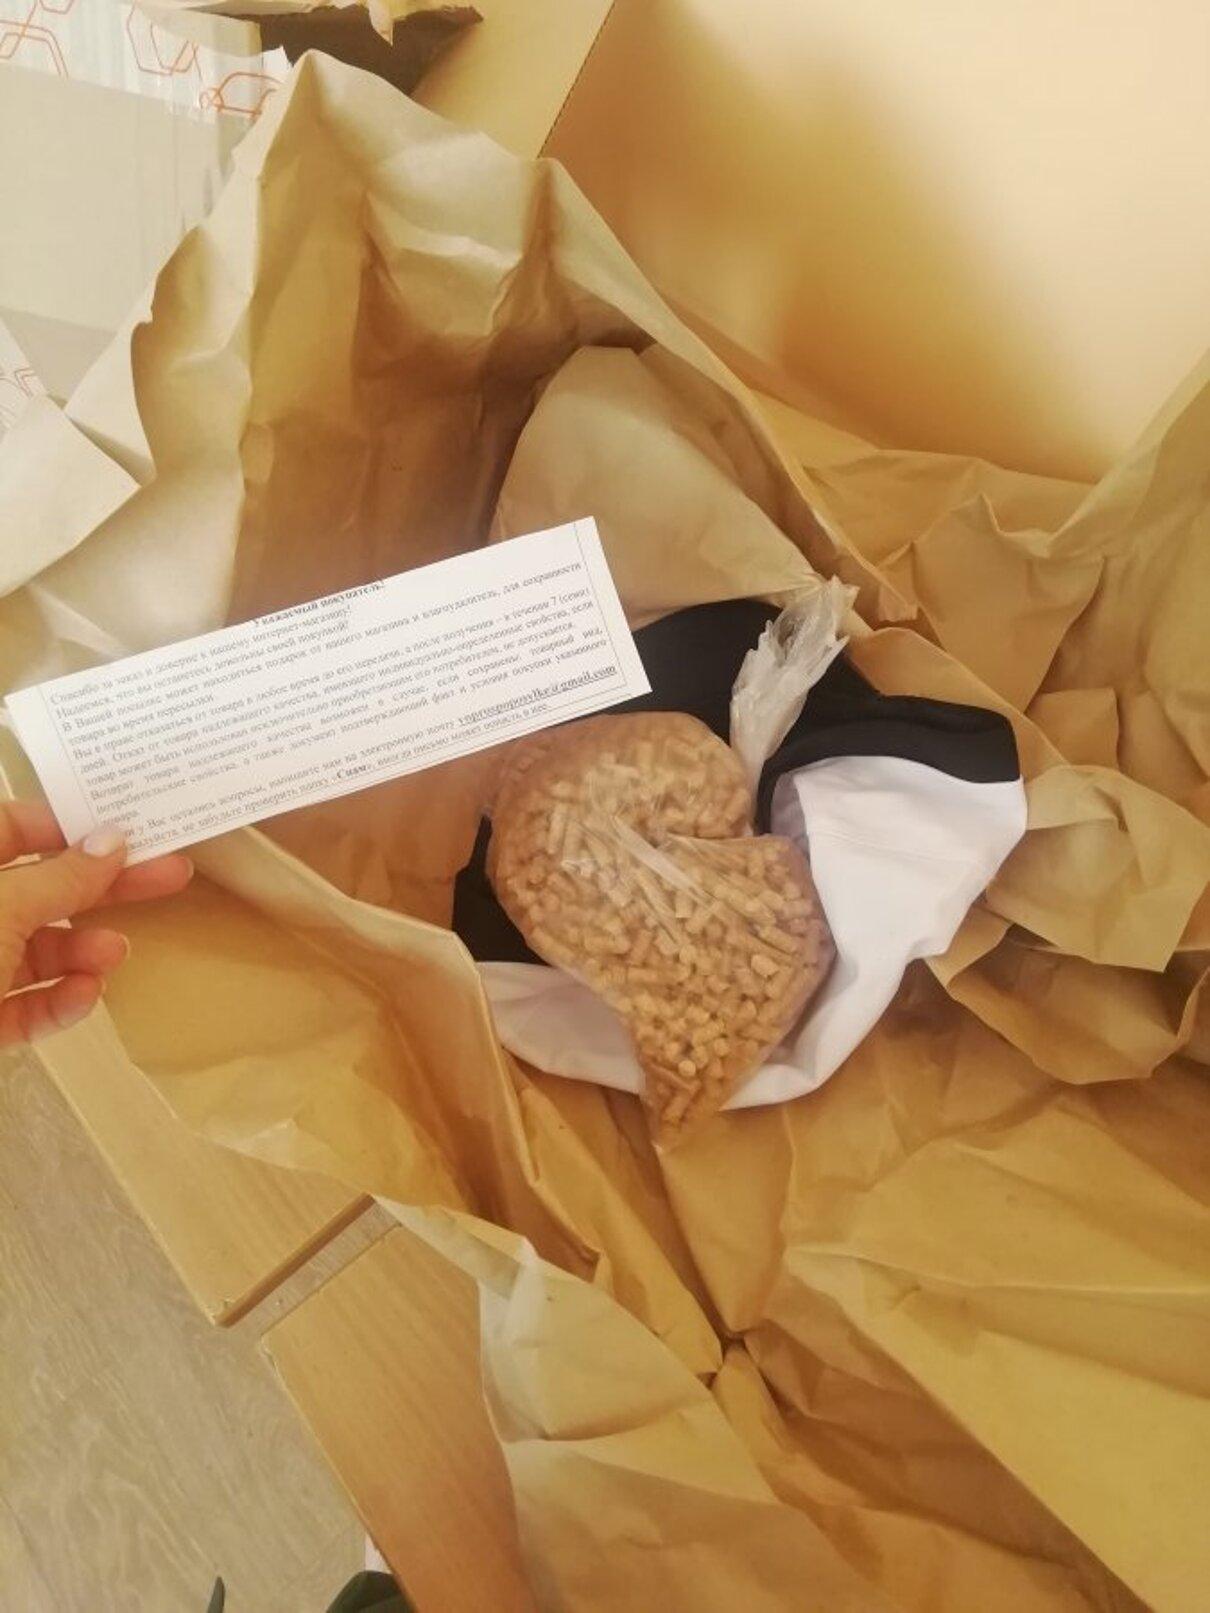 Жалоба-отзыв: ООО ВЕНЕРА - Товар не соответствует заказанному.  Фото №2